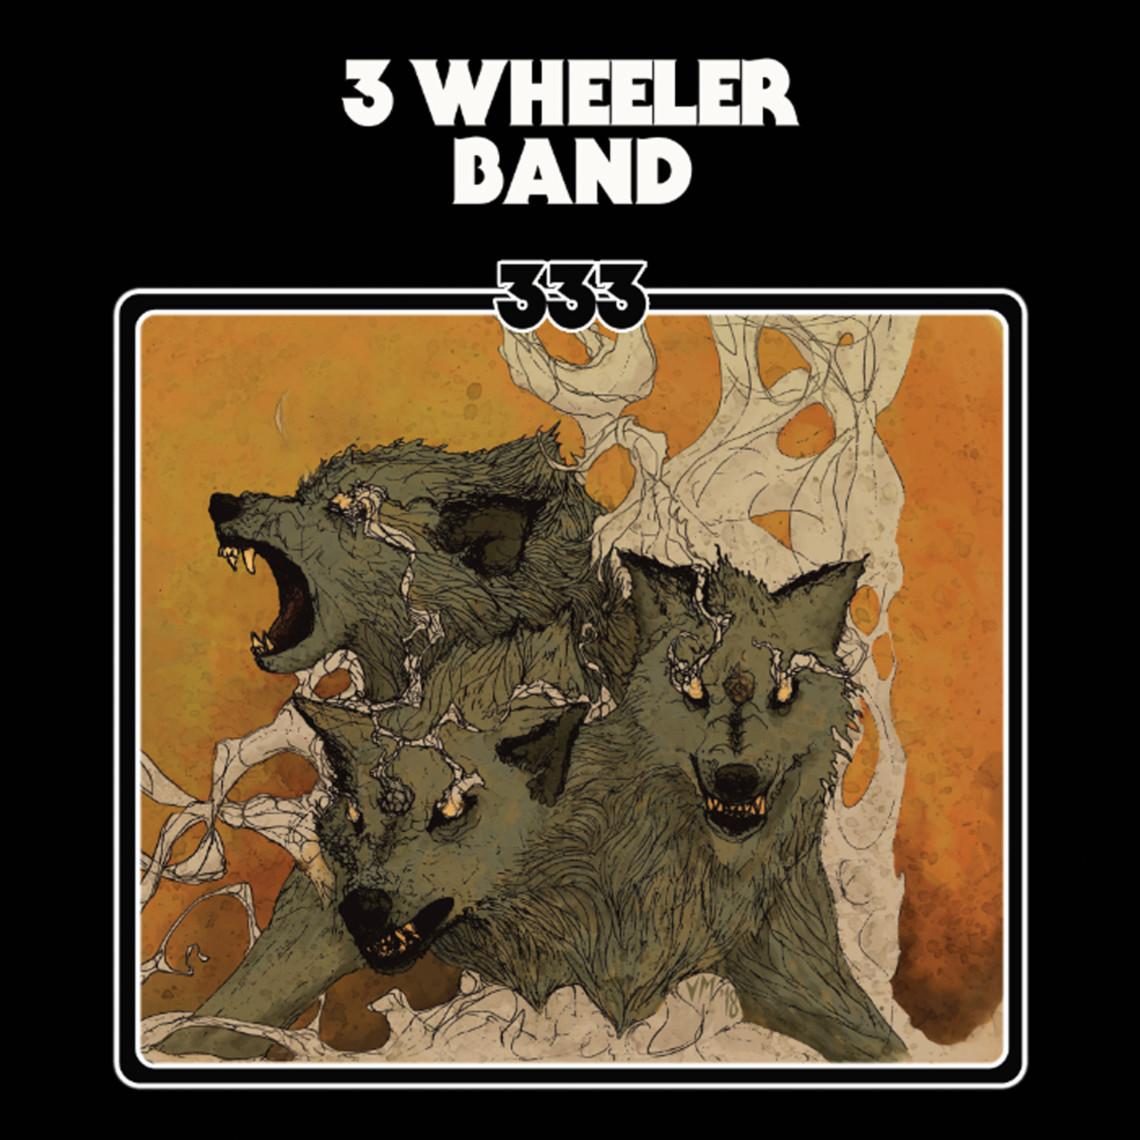 3 Wheeler Band – 333 EP Review